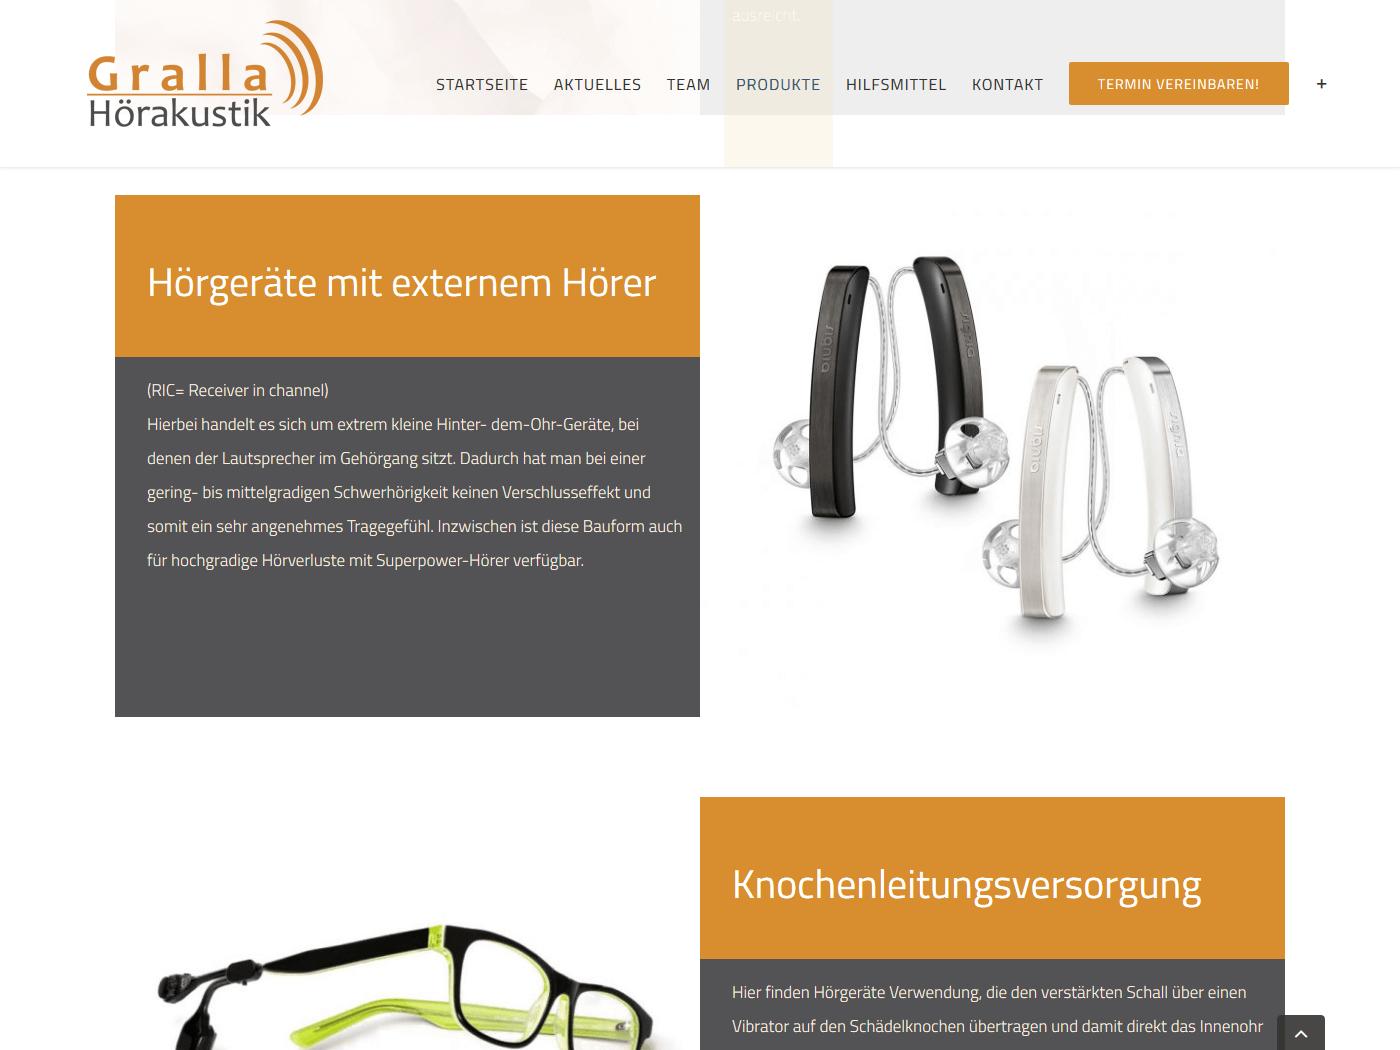 responsive Webdesign Gralla Hörakustik, Mannheim, Hörgeräte